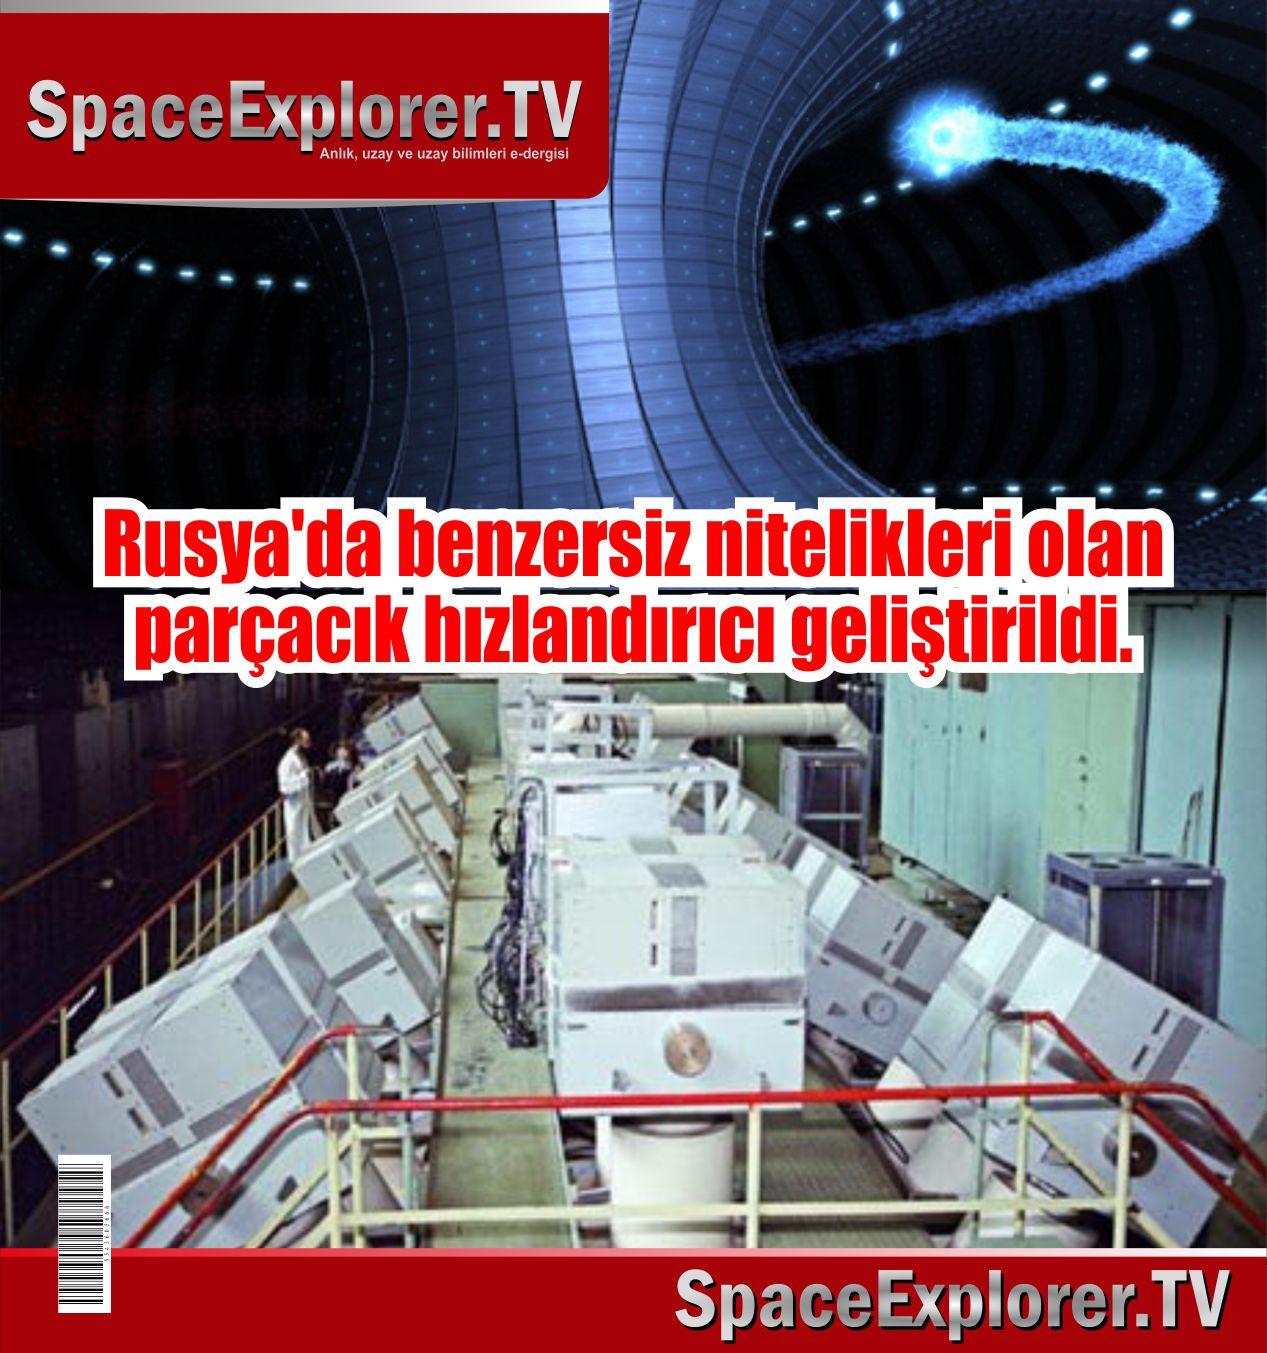 Parçacık hızlandırıcı, Rusya, CERN, Atom altı parçacıklar, Radyasyon, ABD,